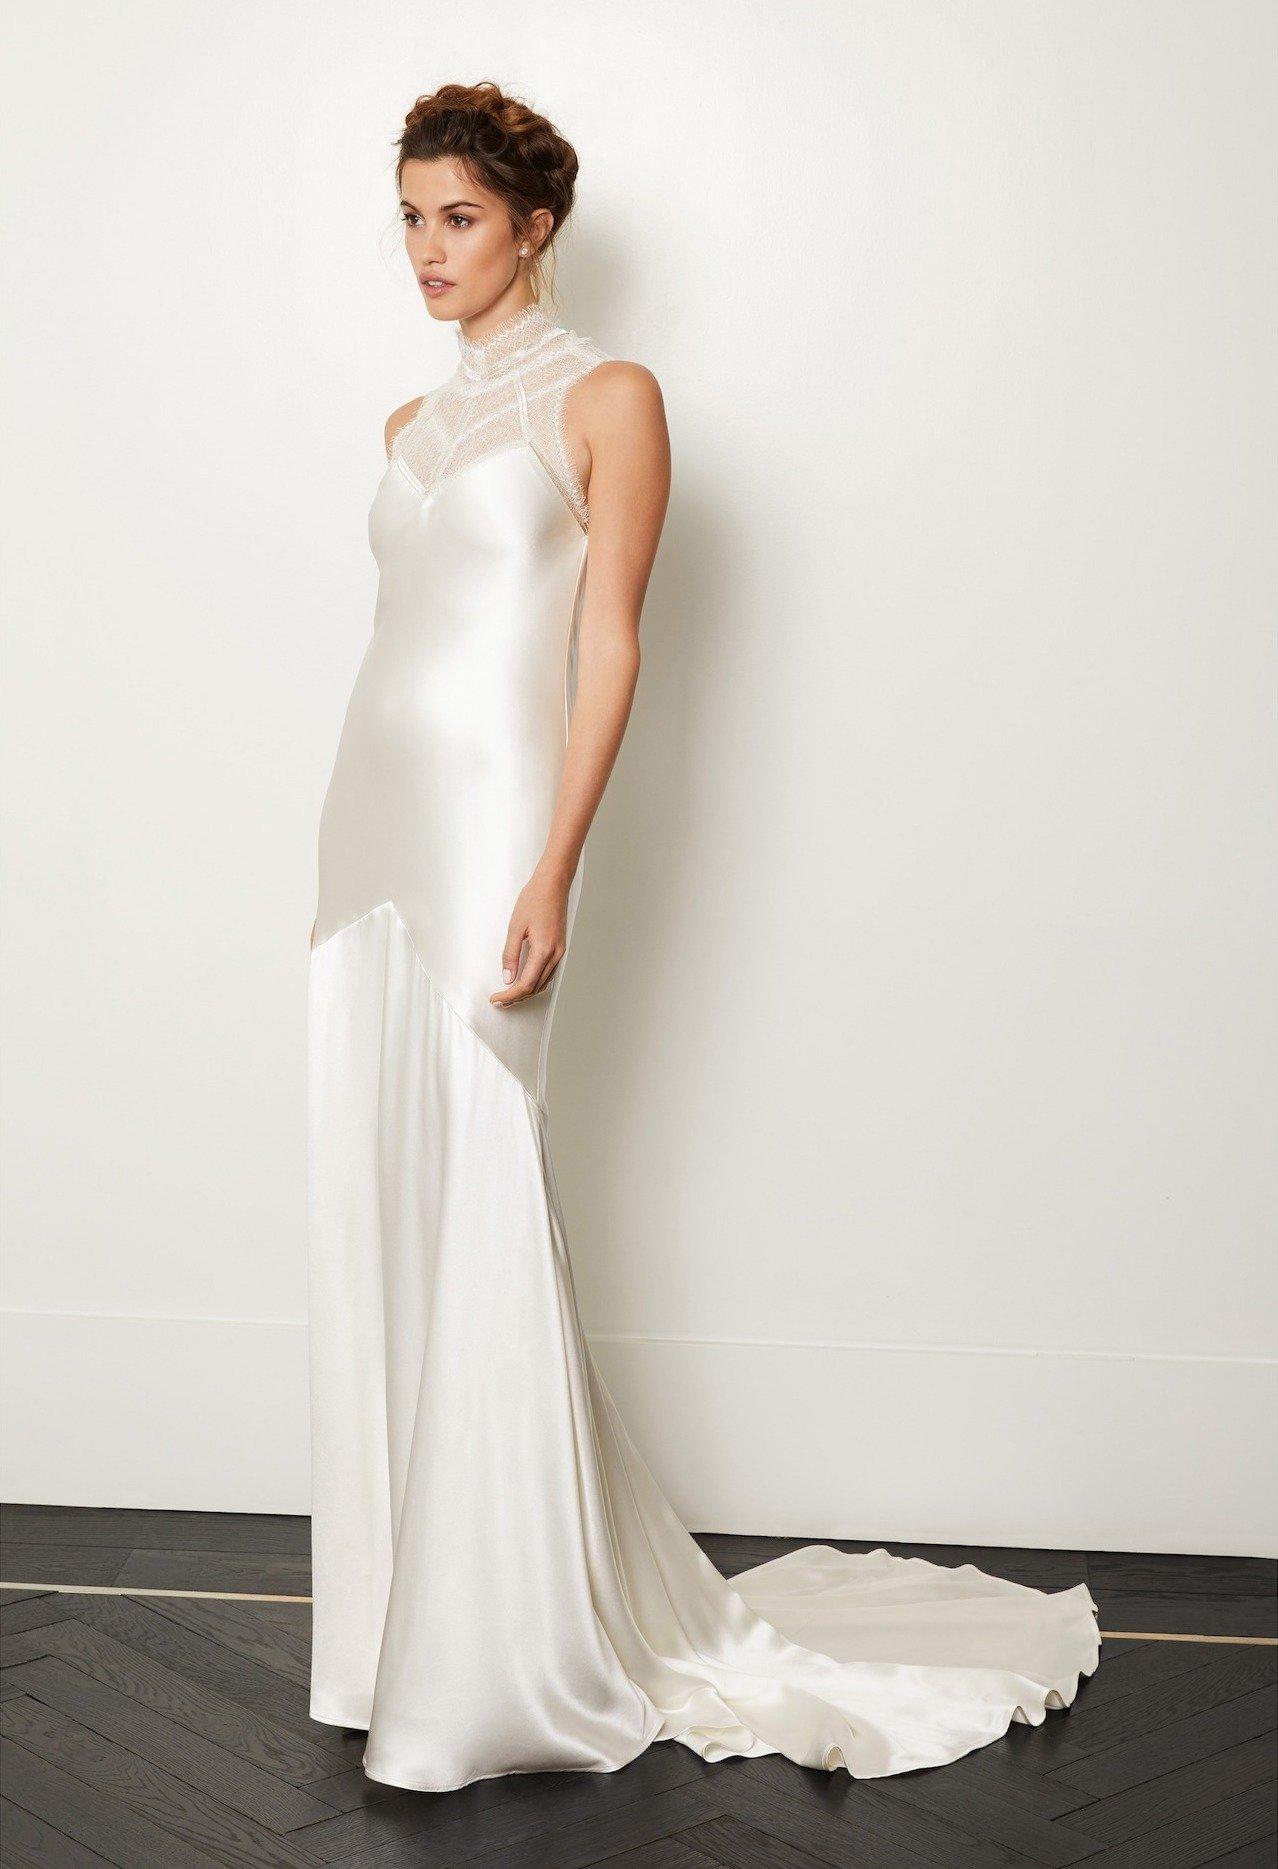 Wedding dress collection: Amanda Wakeley